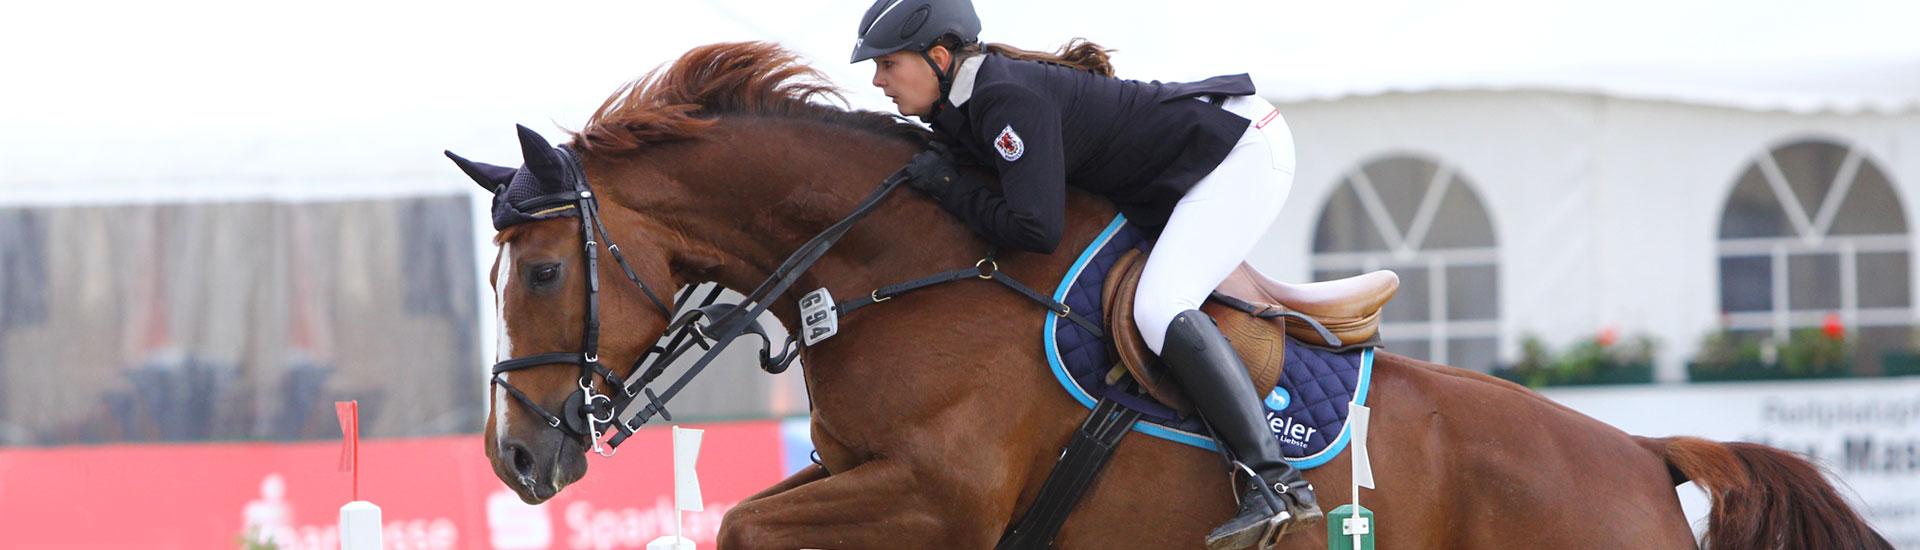 headbilder-kapitel-pferdefutter-sport